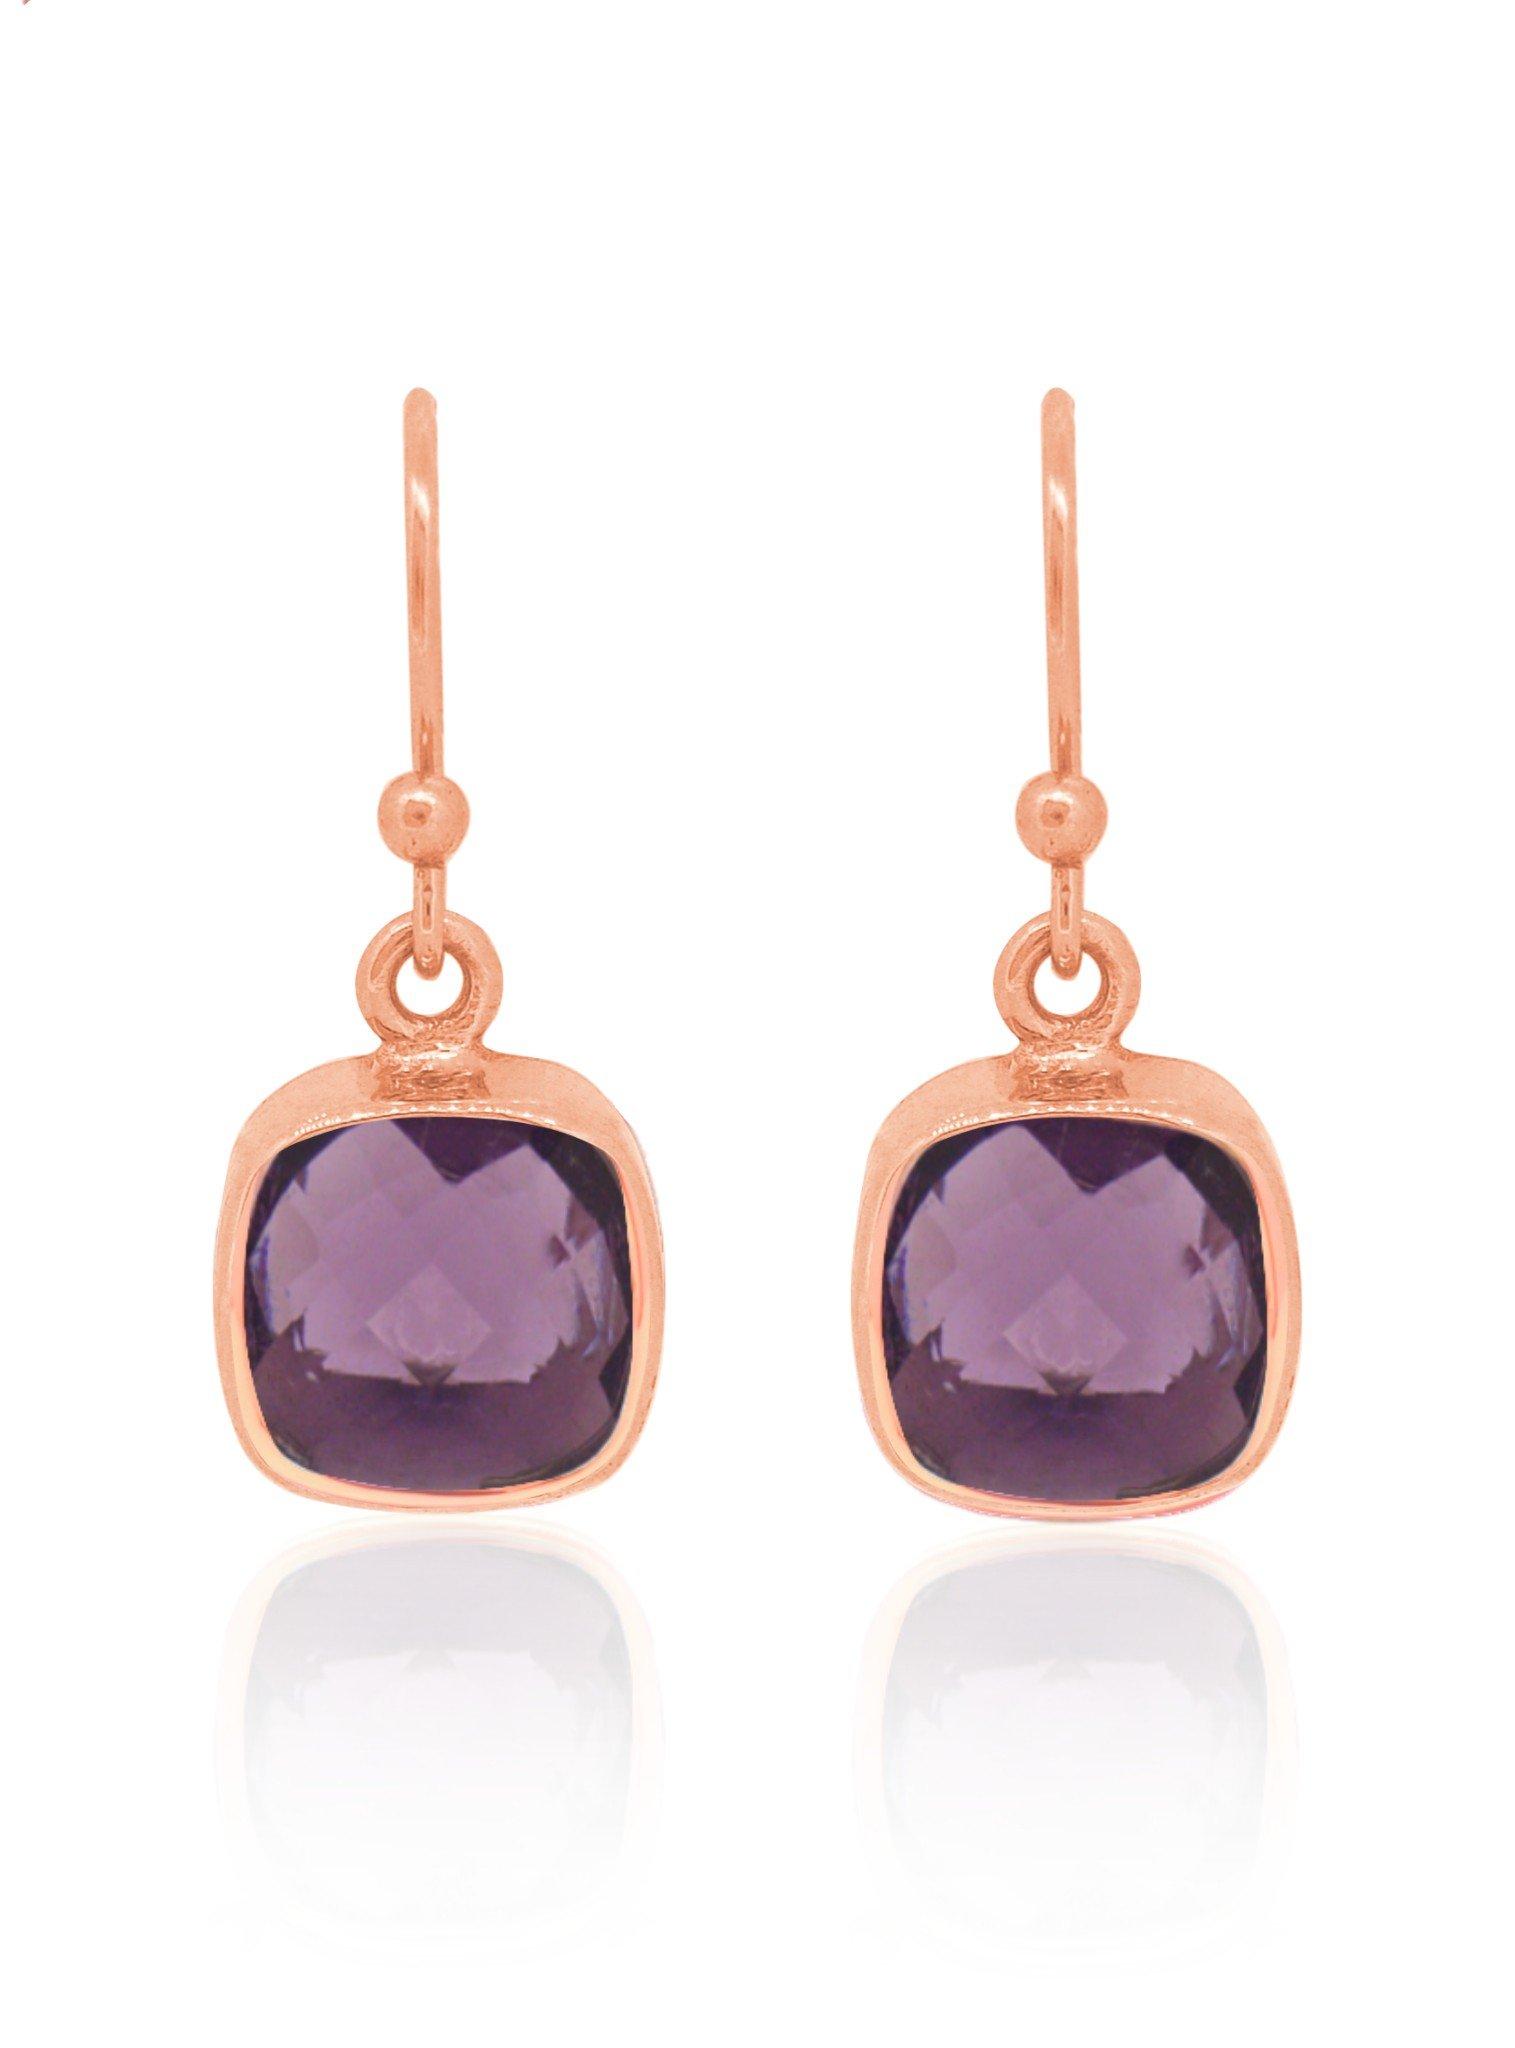 Indie Amethyst Gemstone Earrings in Rose Gold